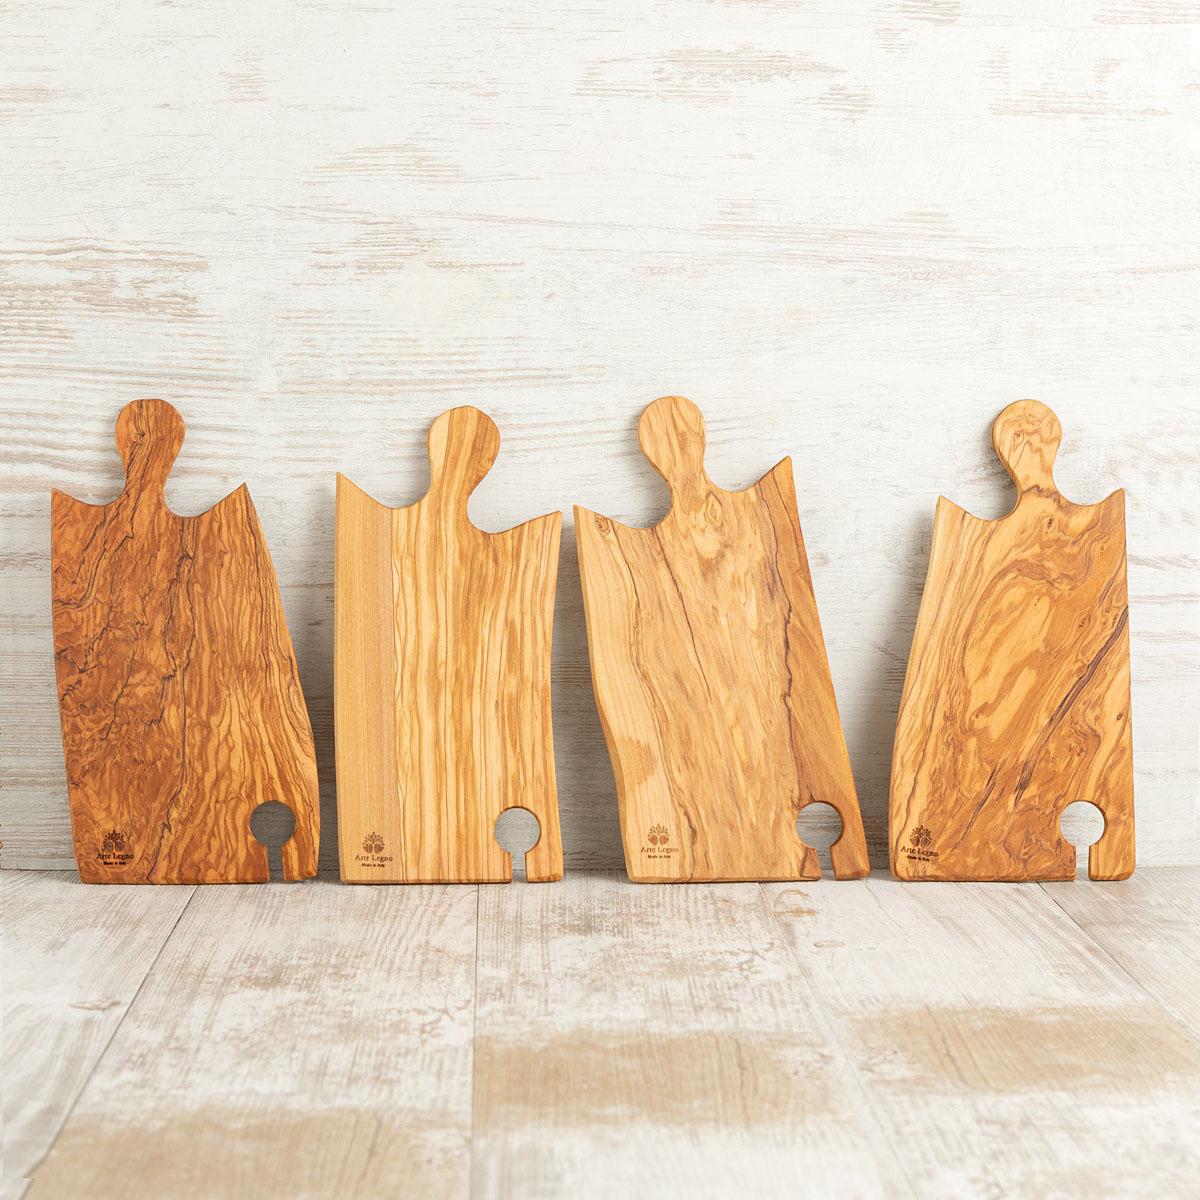 Set 4 taglieri in legno di ulivo per aperitivo | Arte Legno